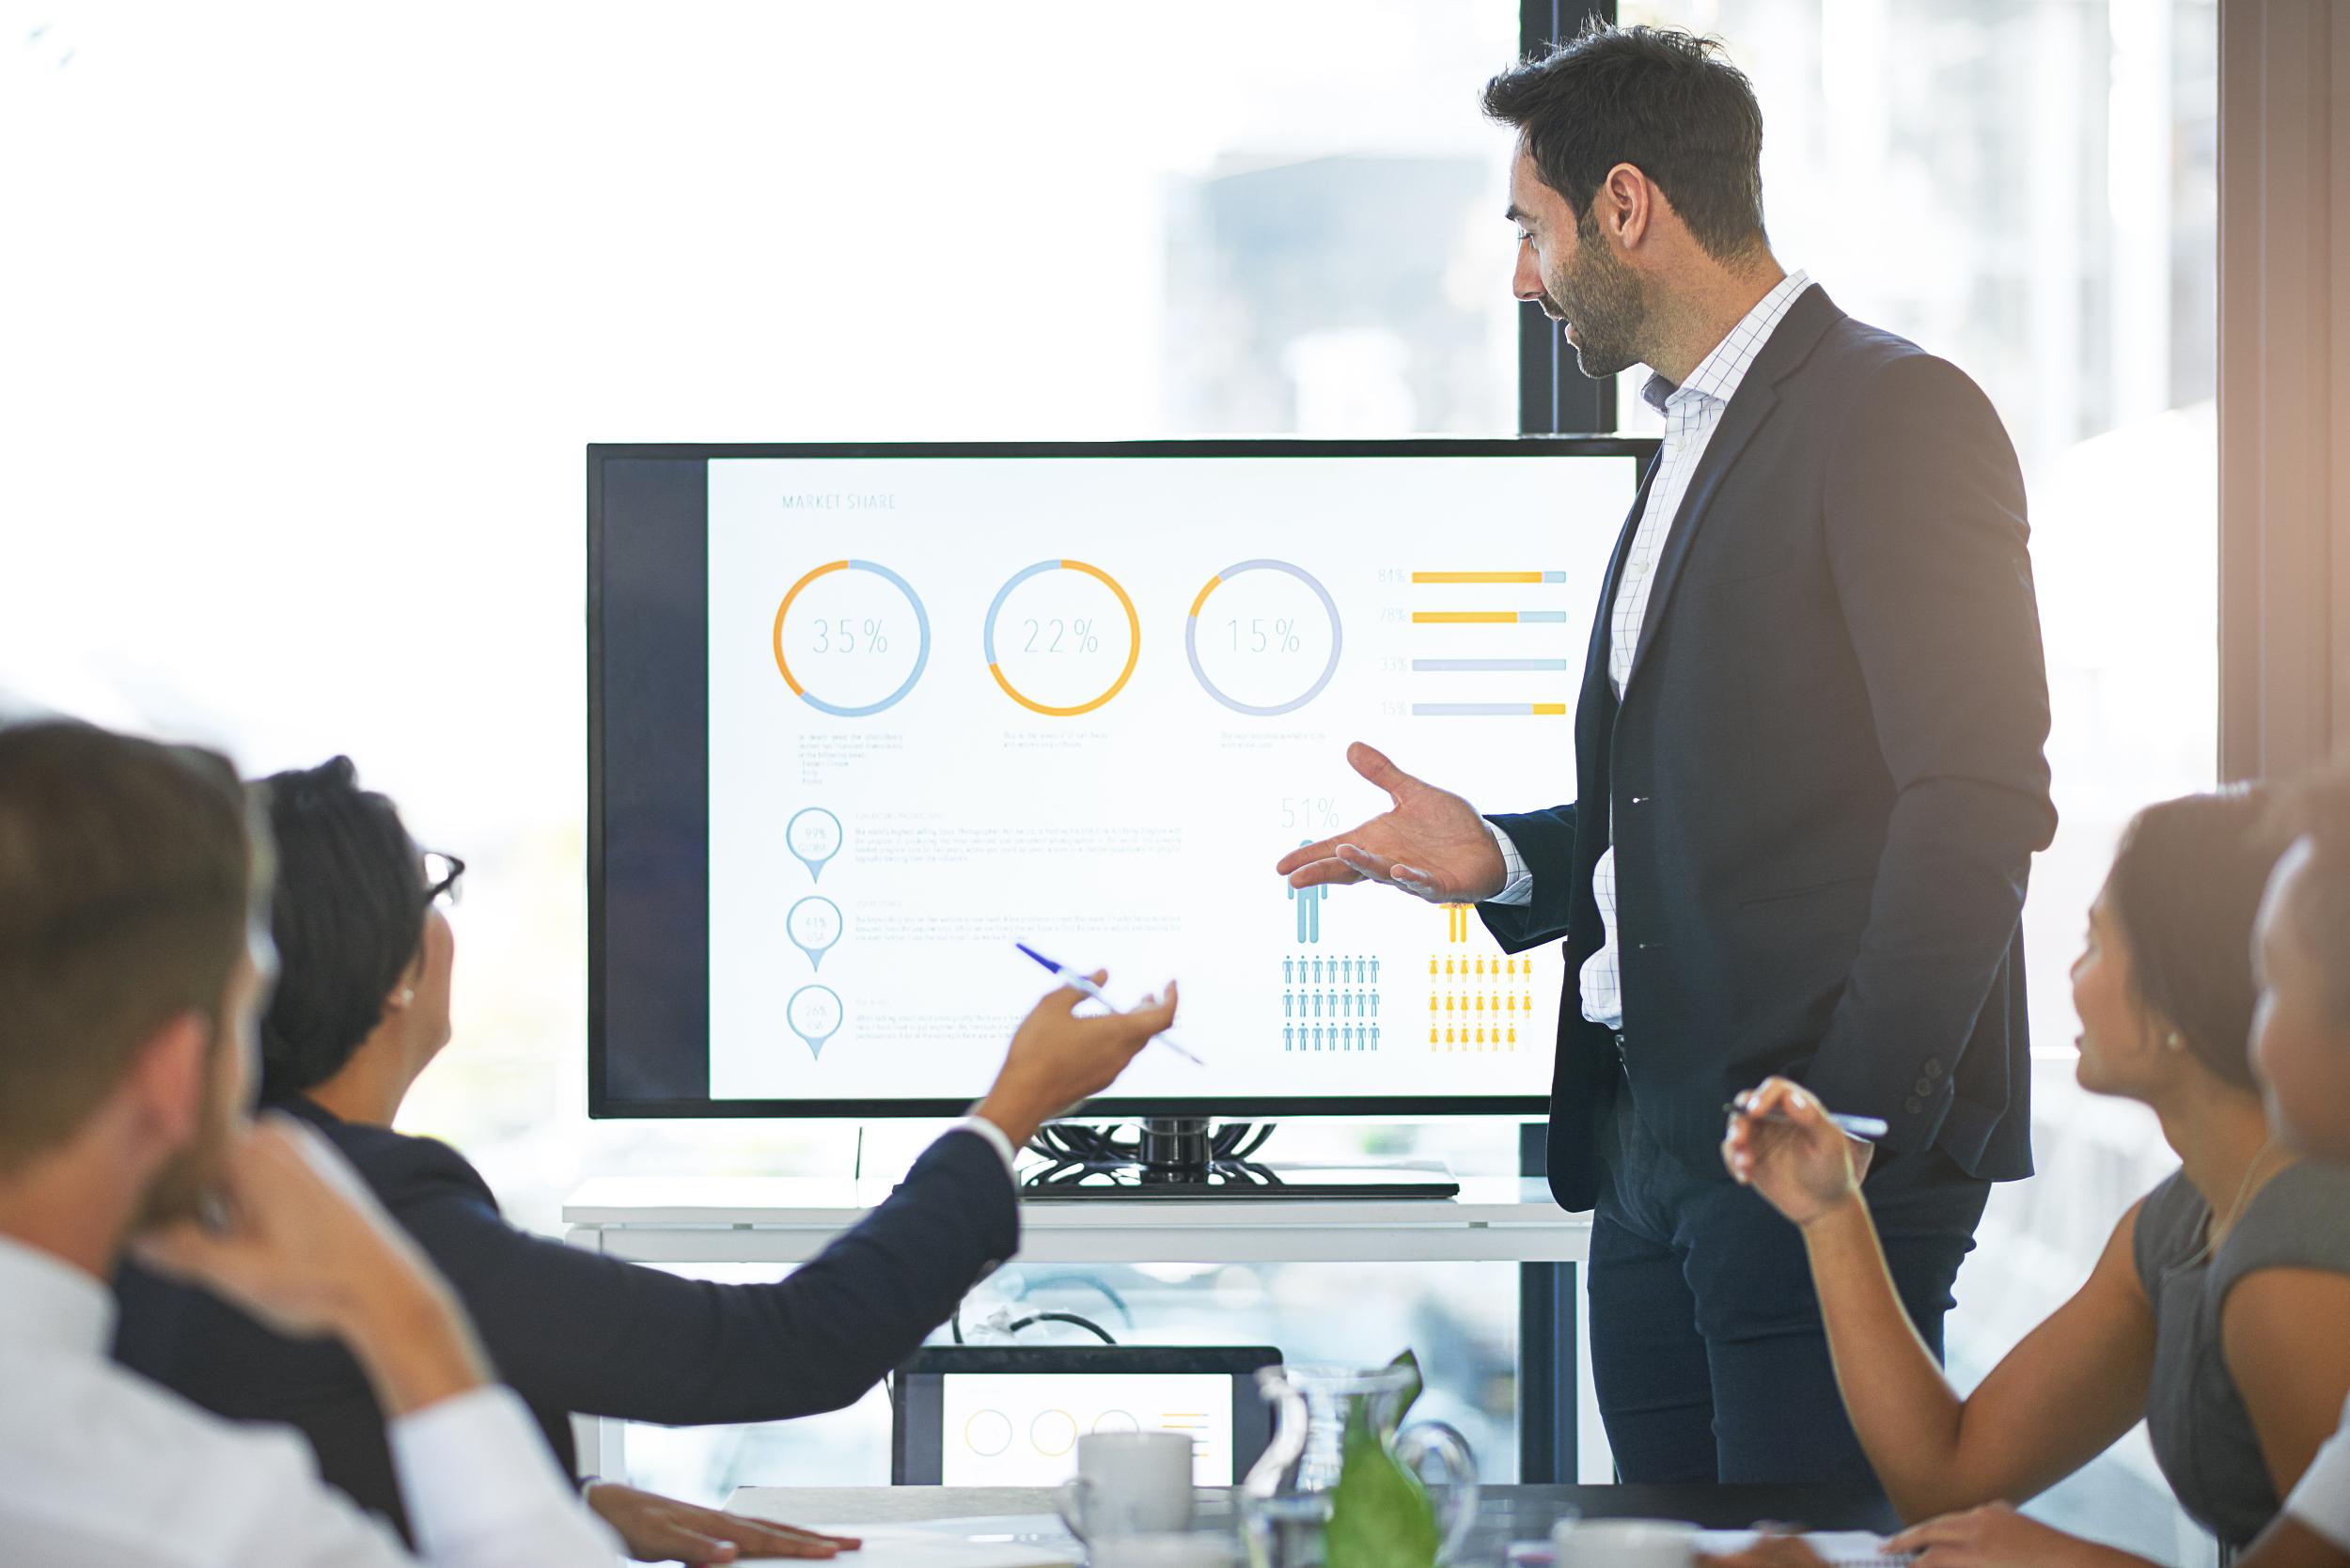 数据分析深度案例 | TO B 企业如何从零到一实现数据驱动?